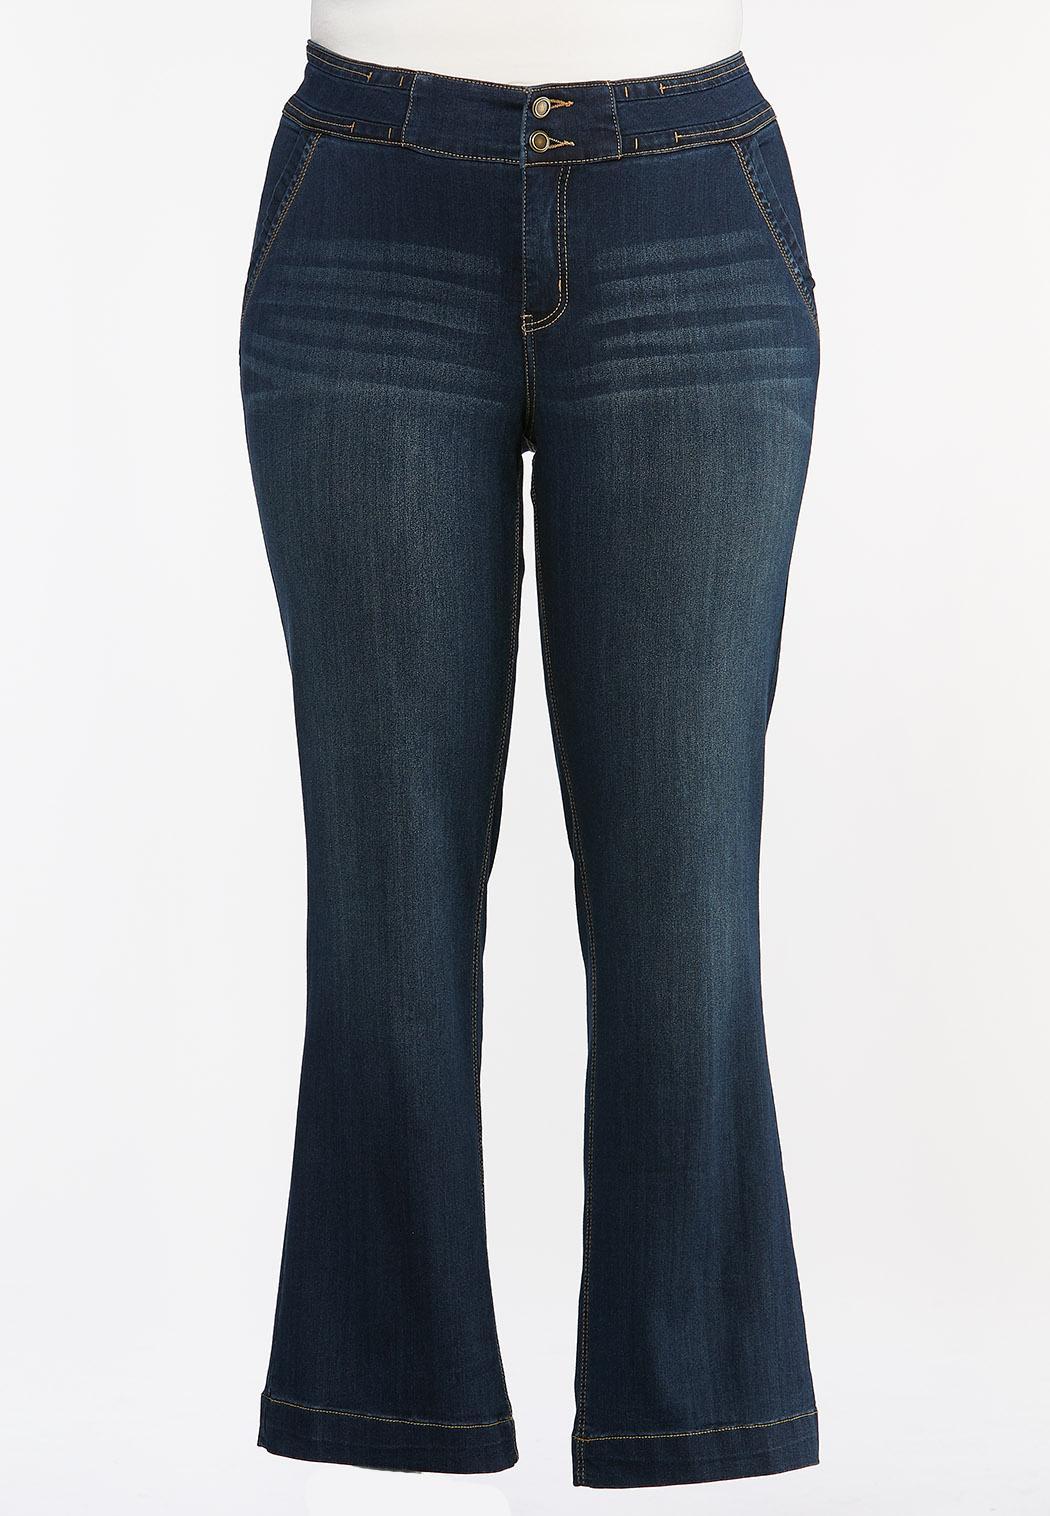 Plus Petite Double Button Jeans